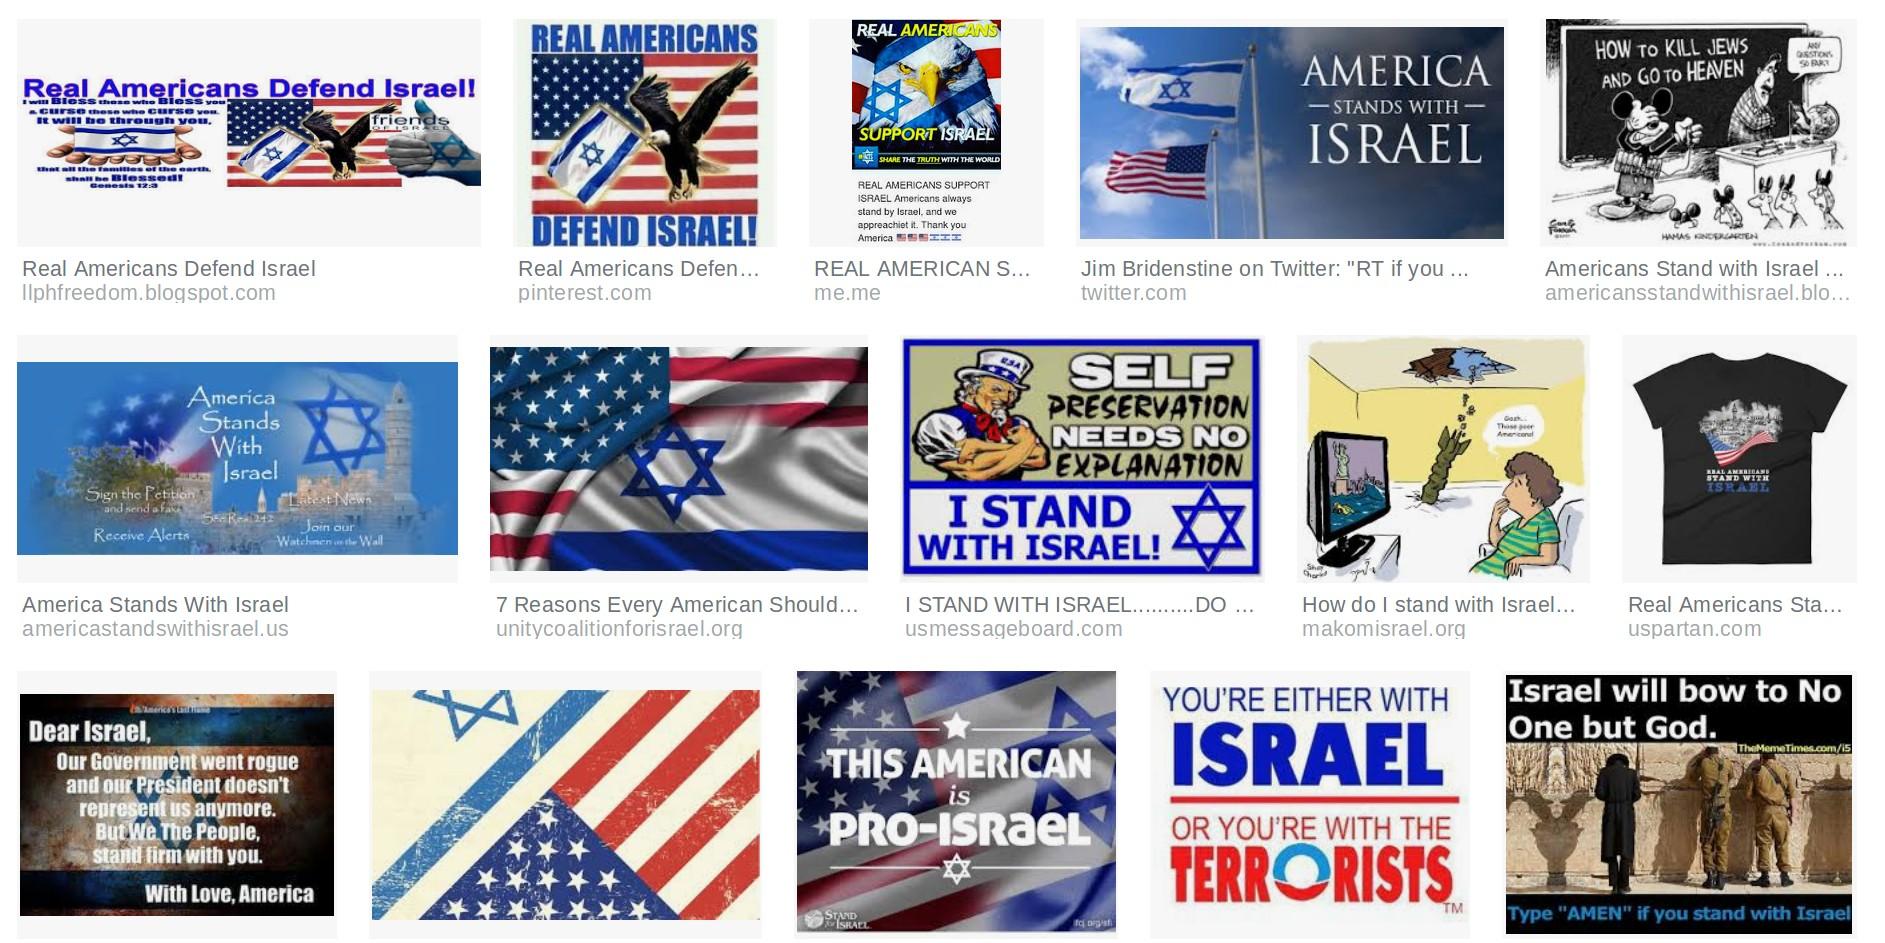 US-Zio-patriotic-propaganda